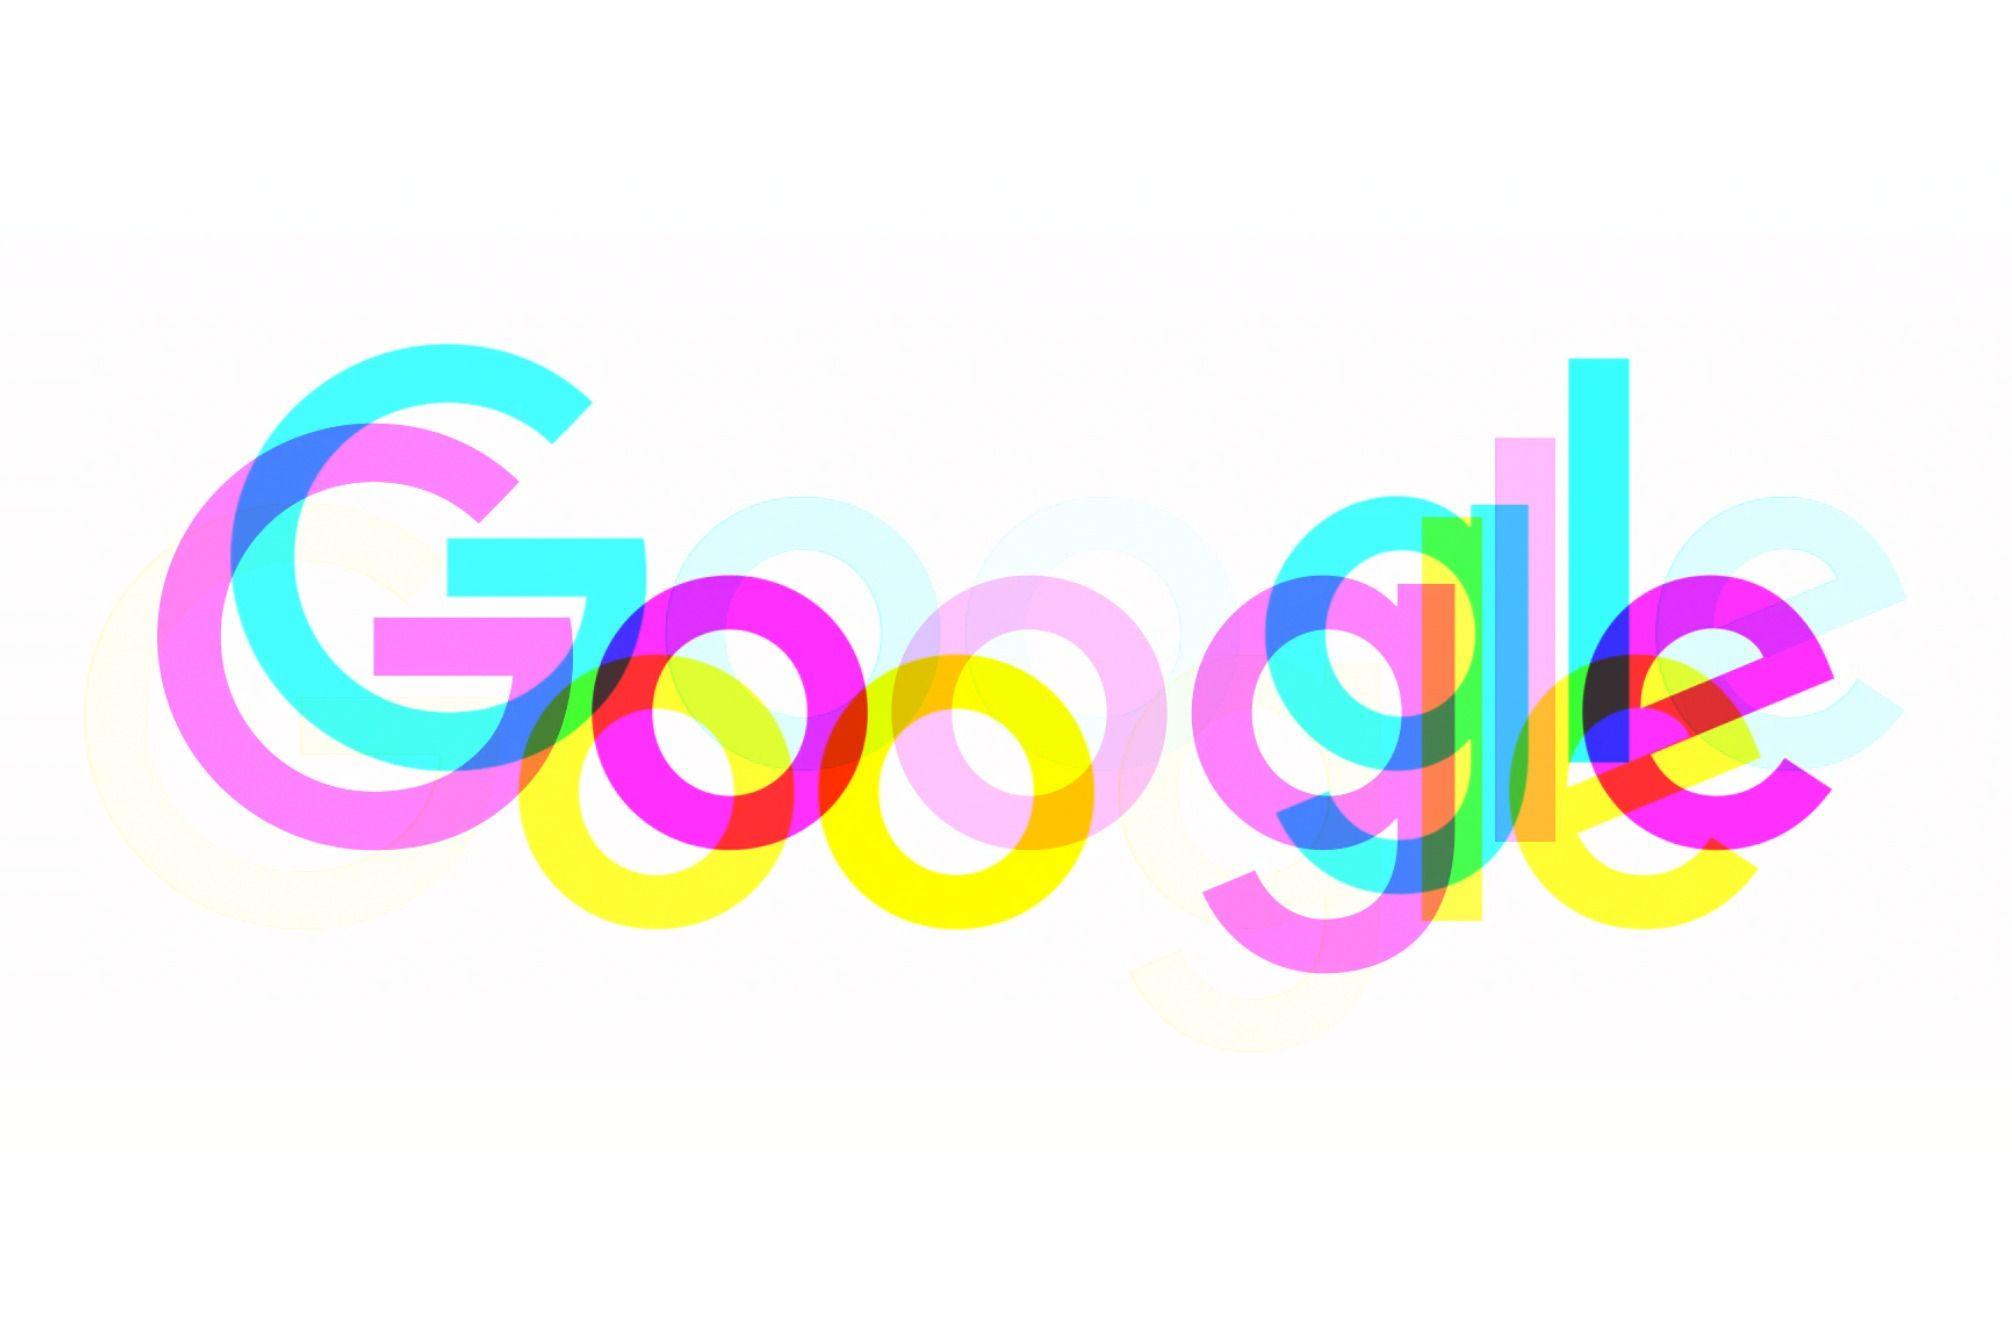 Logo de Google moshed